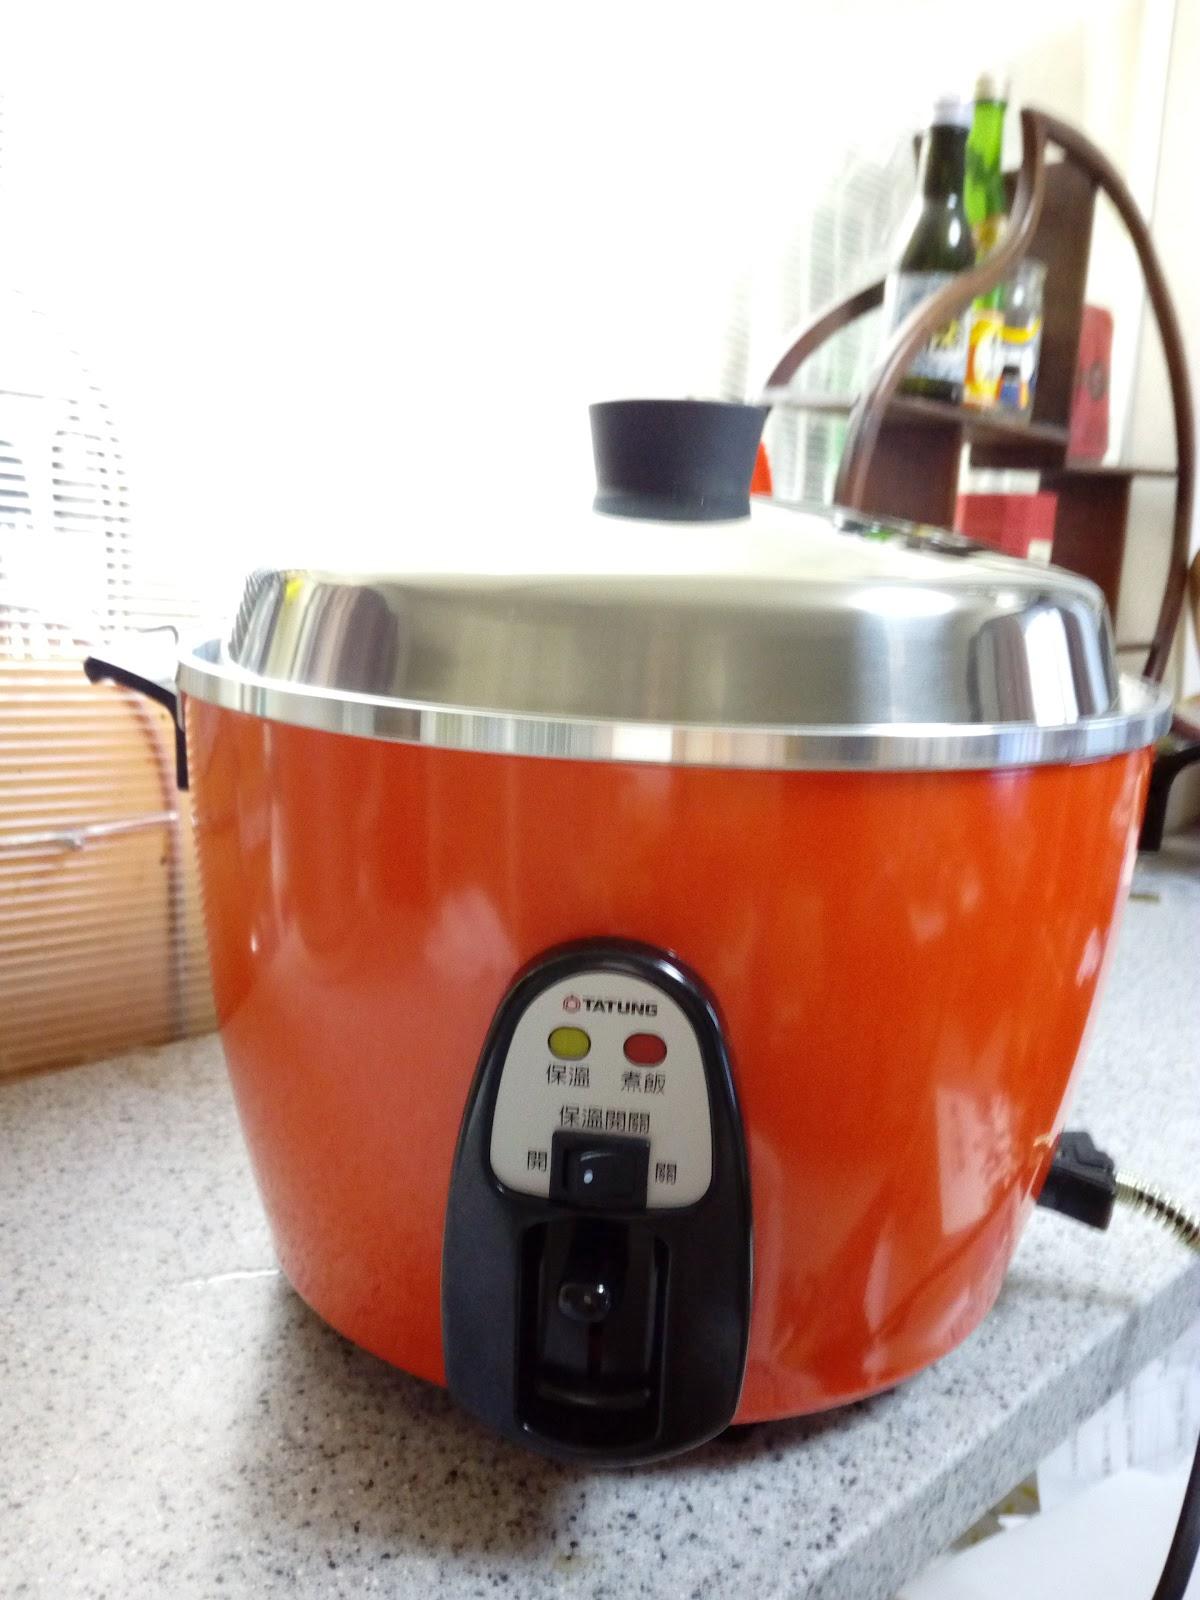 炊飯のトレンドは「蒸気」 普通の炊飯器で大同電鍋やバ ...